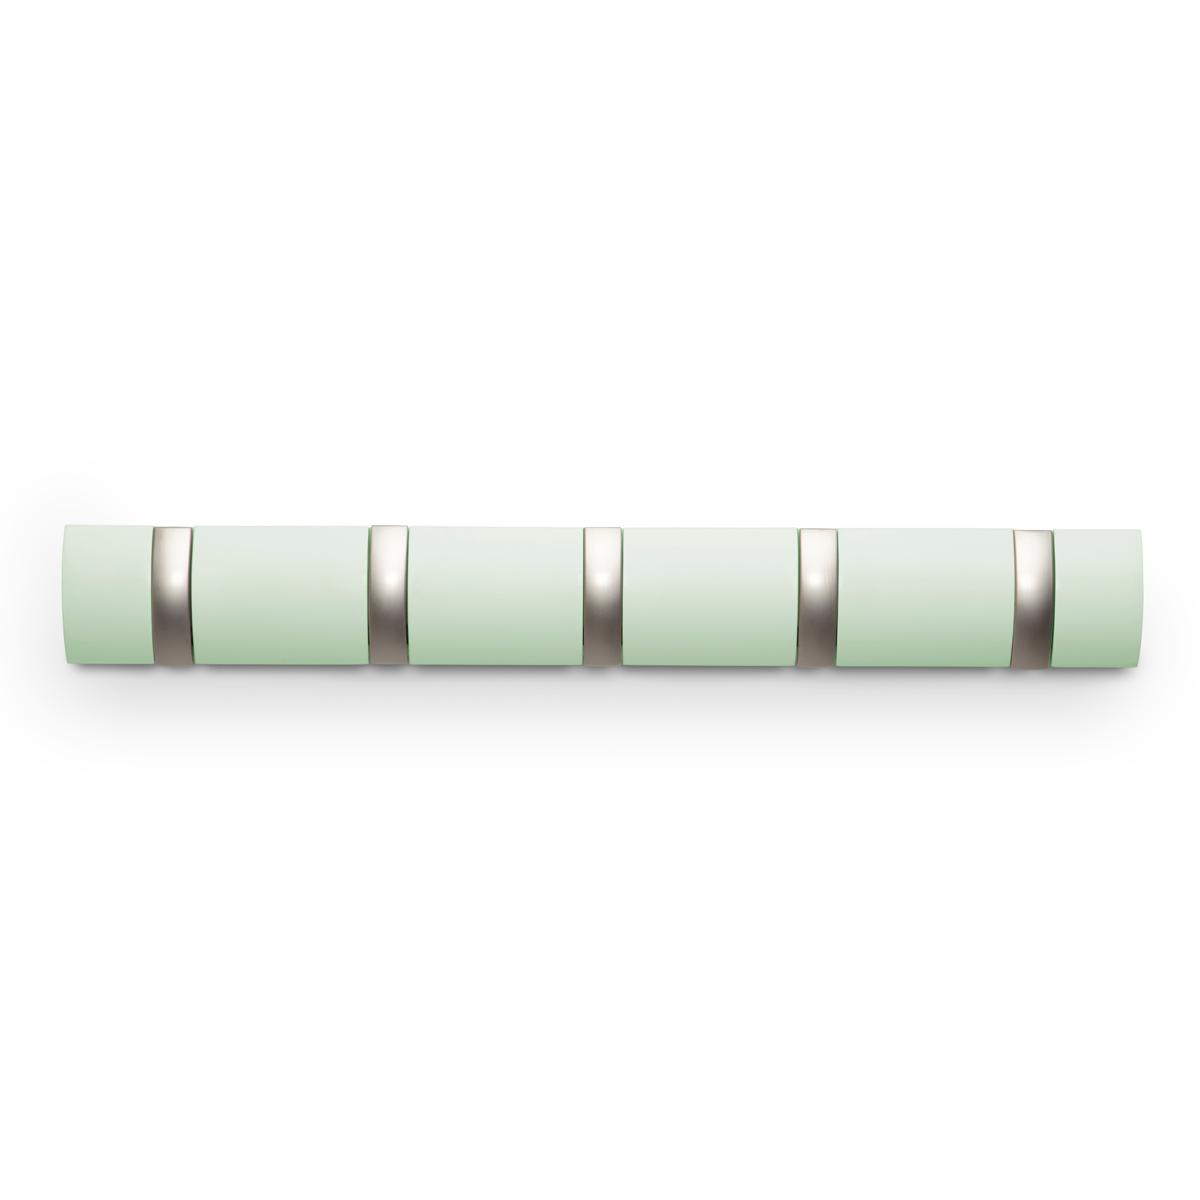 Вешалка Umbra Flip, настенная, цвет: зеленый, 5 крючков318850-730Стильная и прочная вешалка интересной формы. Имеет 5 откидных алюминиевых крючков. Когда они не используются, то складываются внутрь, превращая конструкцию в абсолютно гладкую поверхность.Идеально для маленьких прихожих и ограниченных пространств.Каждый крючок выдерживает вес до 2,3 кг.